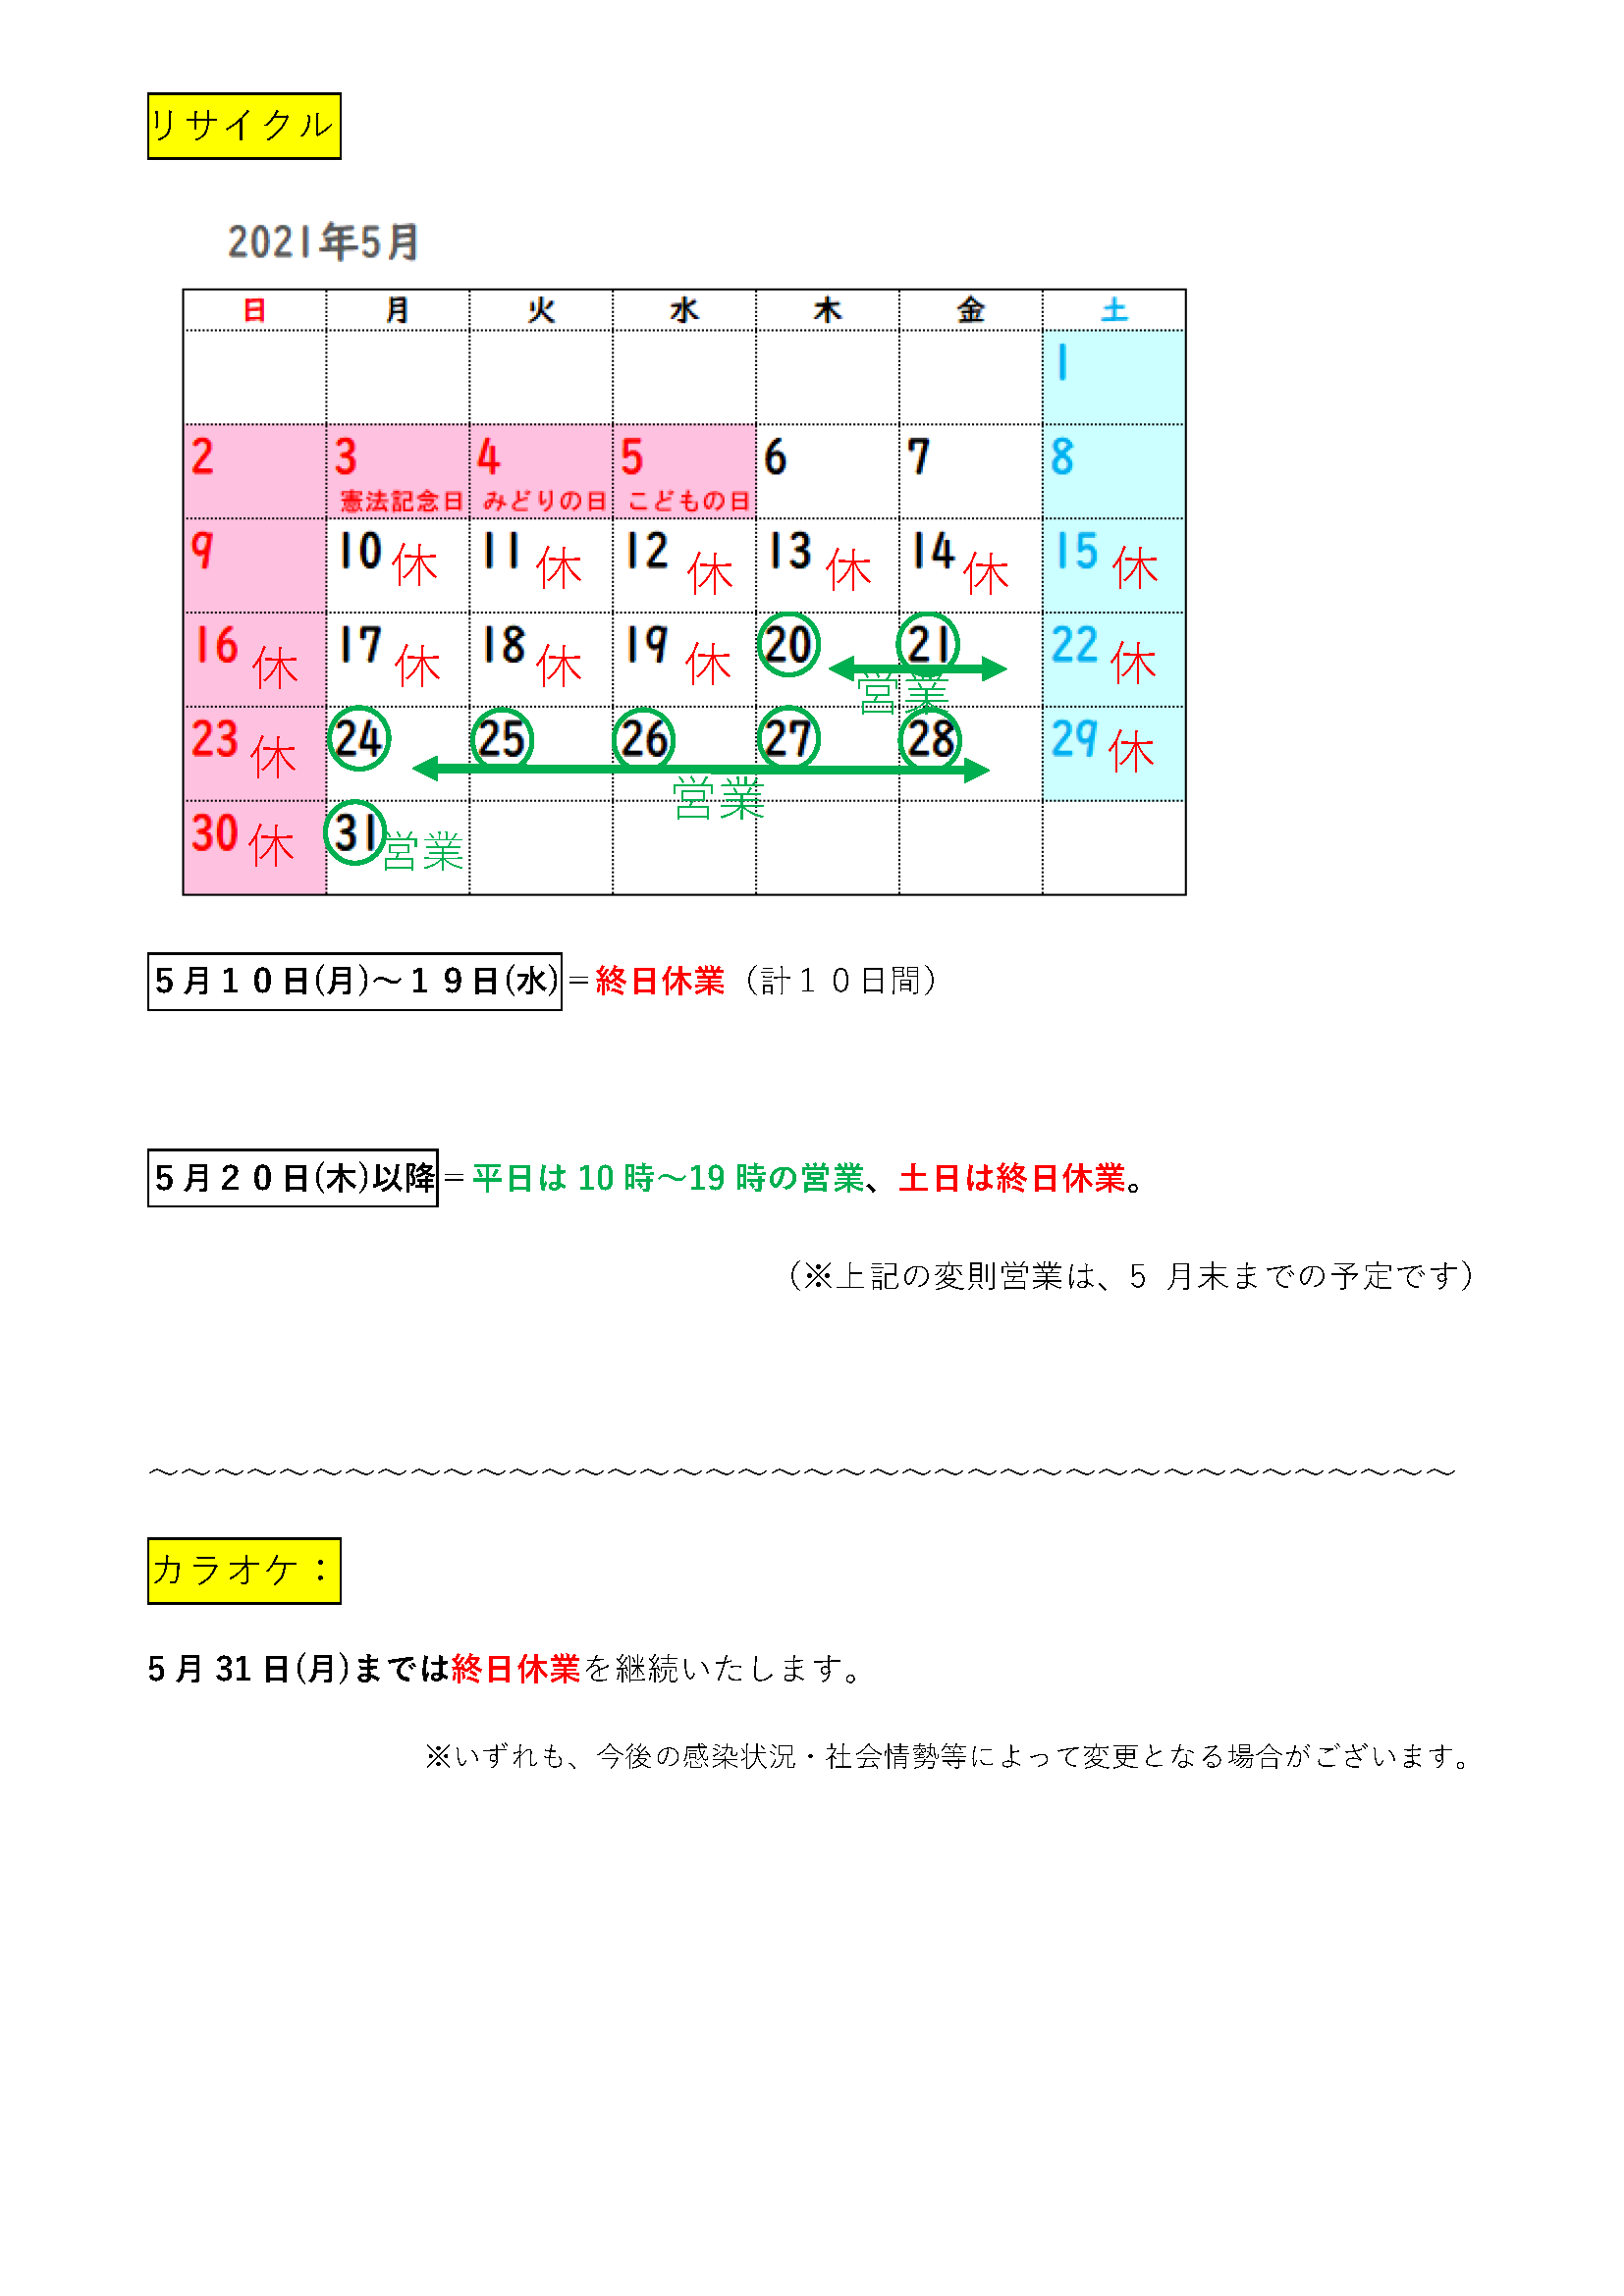 2021年5月の営業日について(臨時休業期間:5月10日(月) ~ 5月19日(水)。5月中の土日は終日休業)